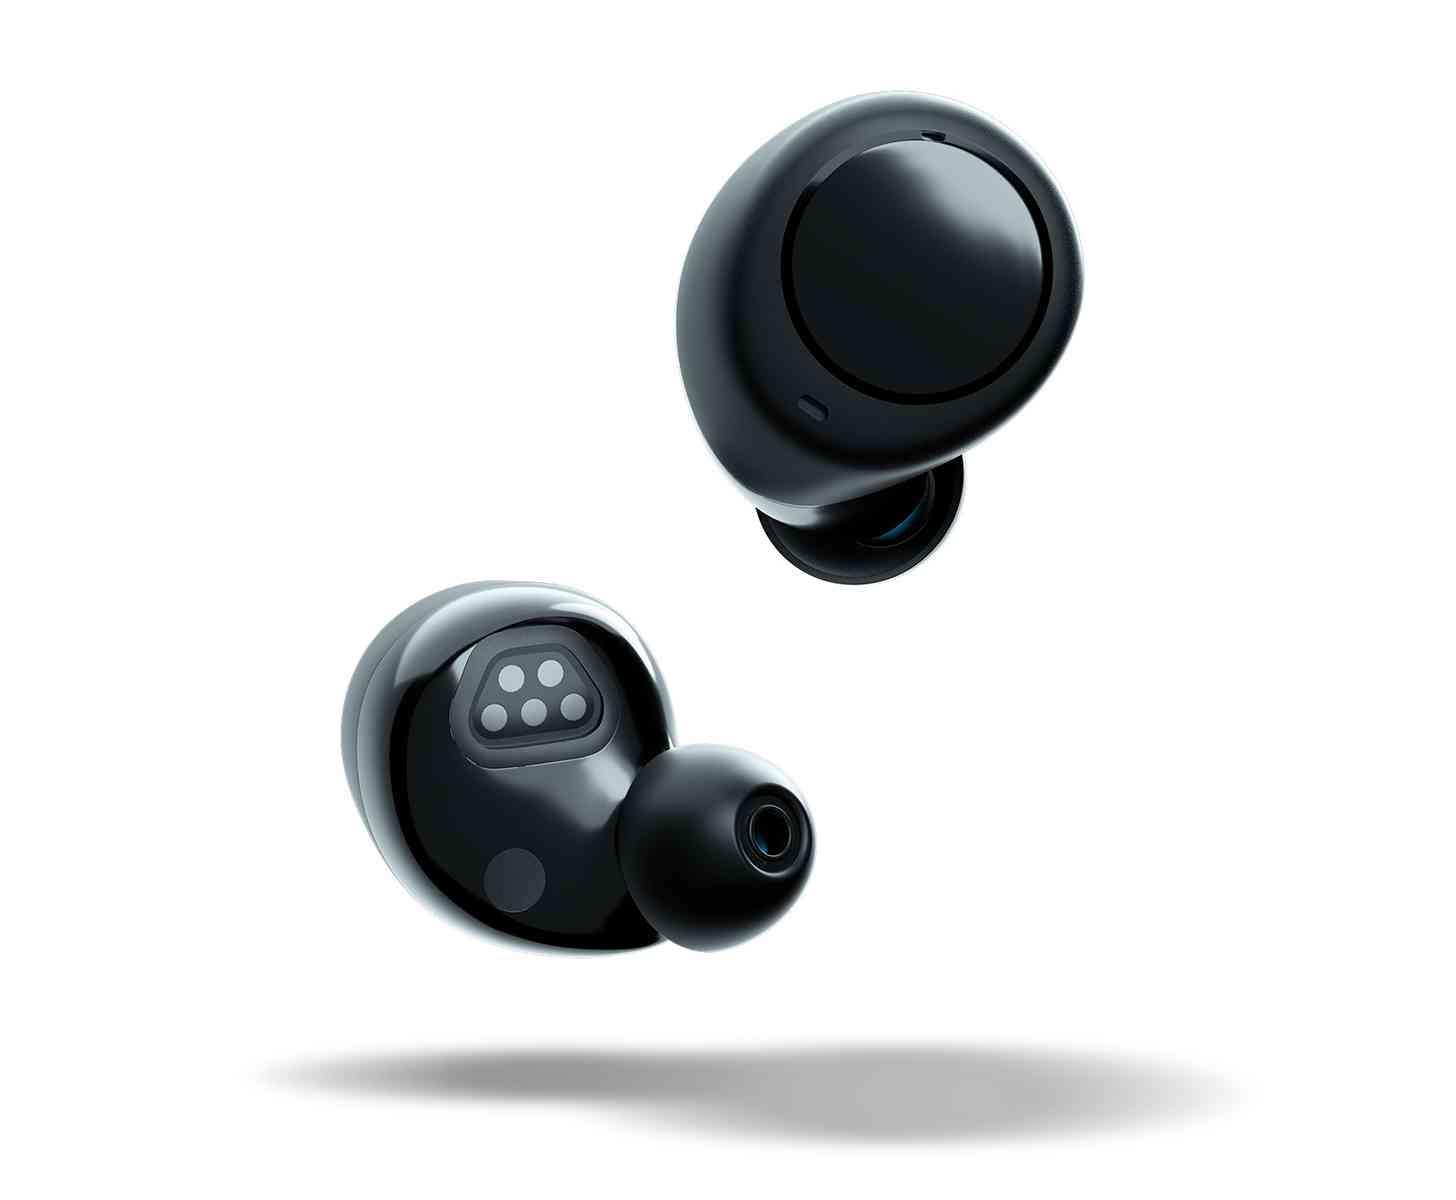 Amazon Echo Buds wireless earbuds